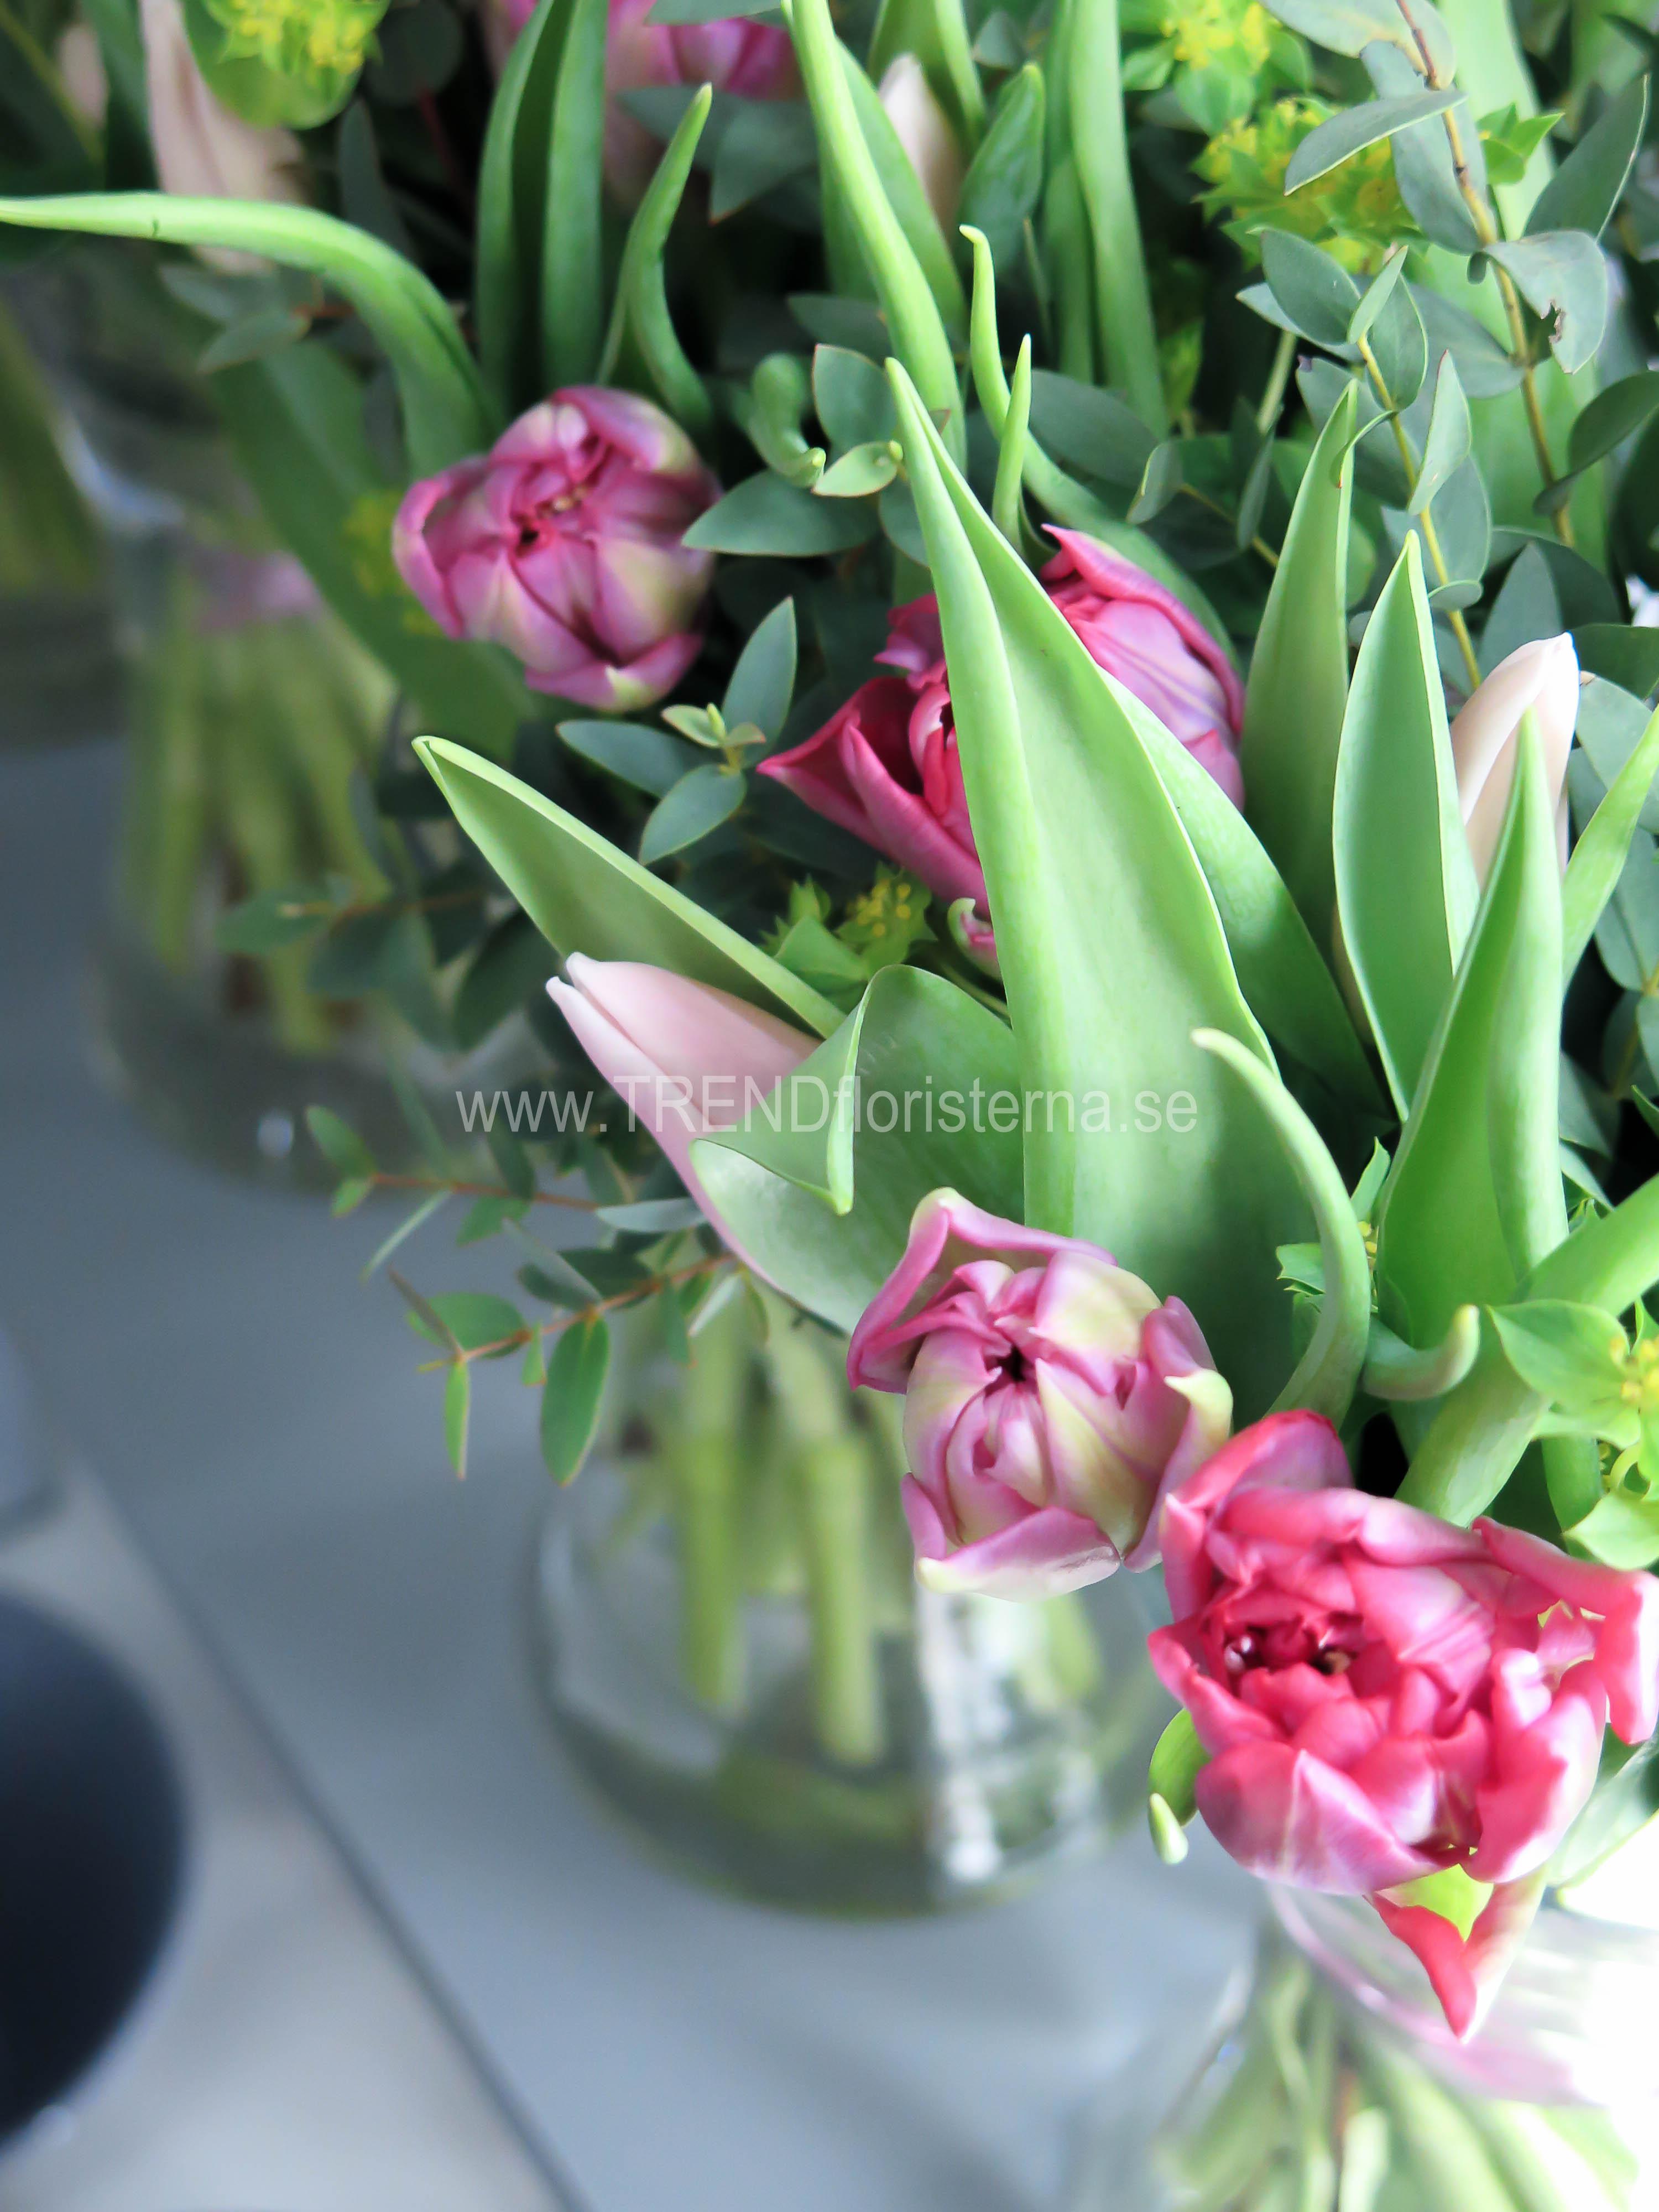 blommor online sverige